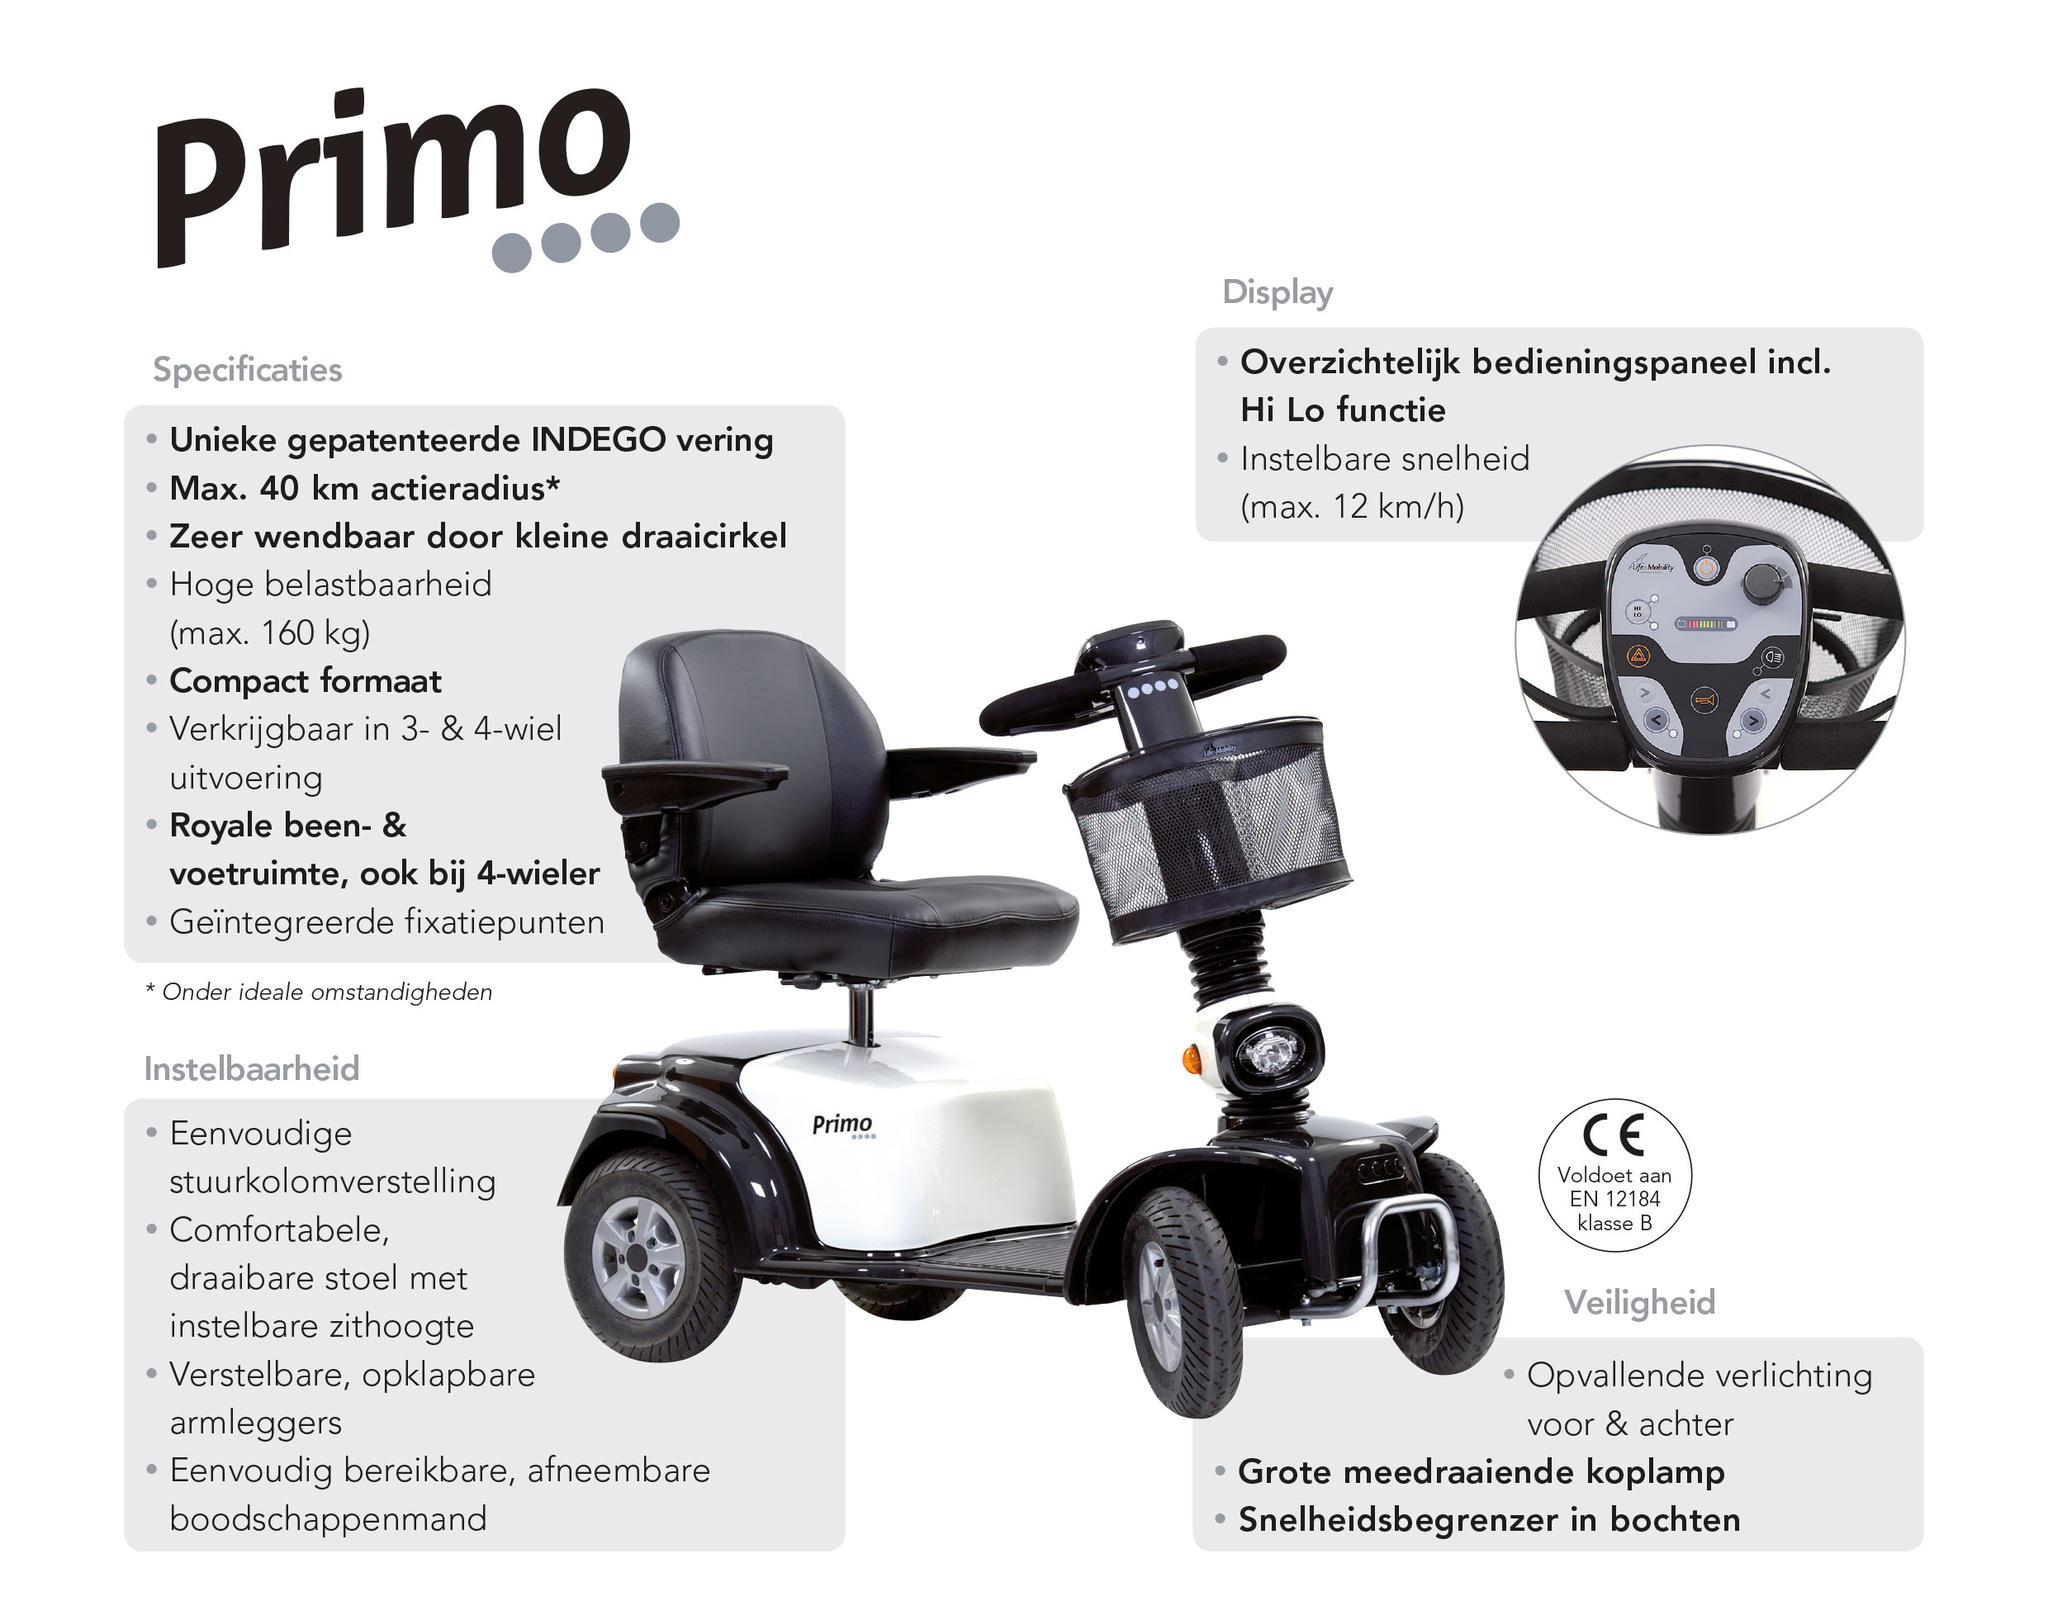 Scootmobiel Primo 4 eigenschappen